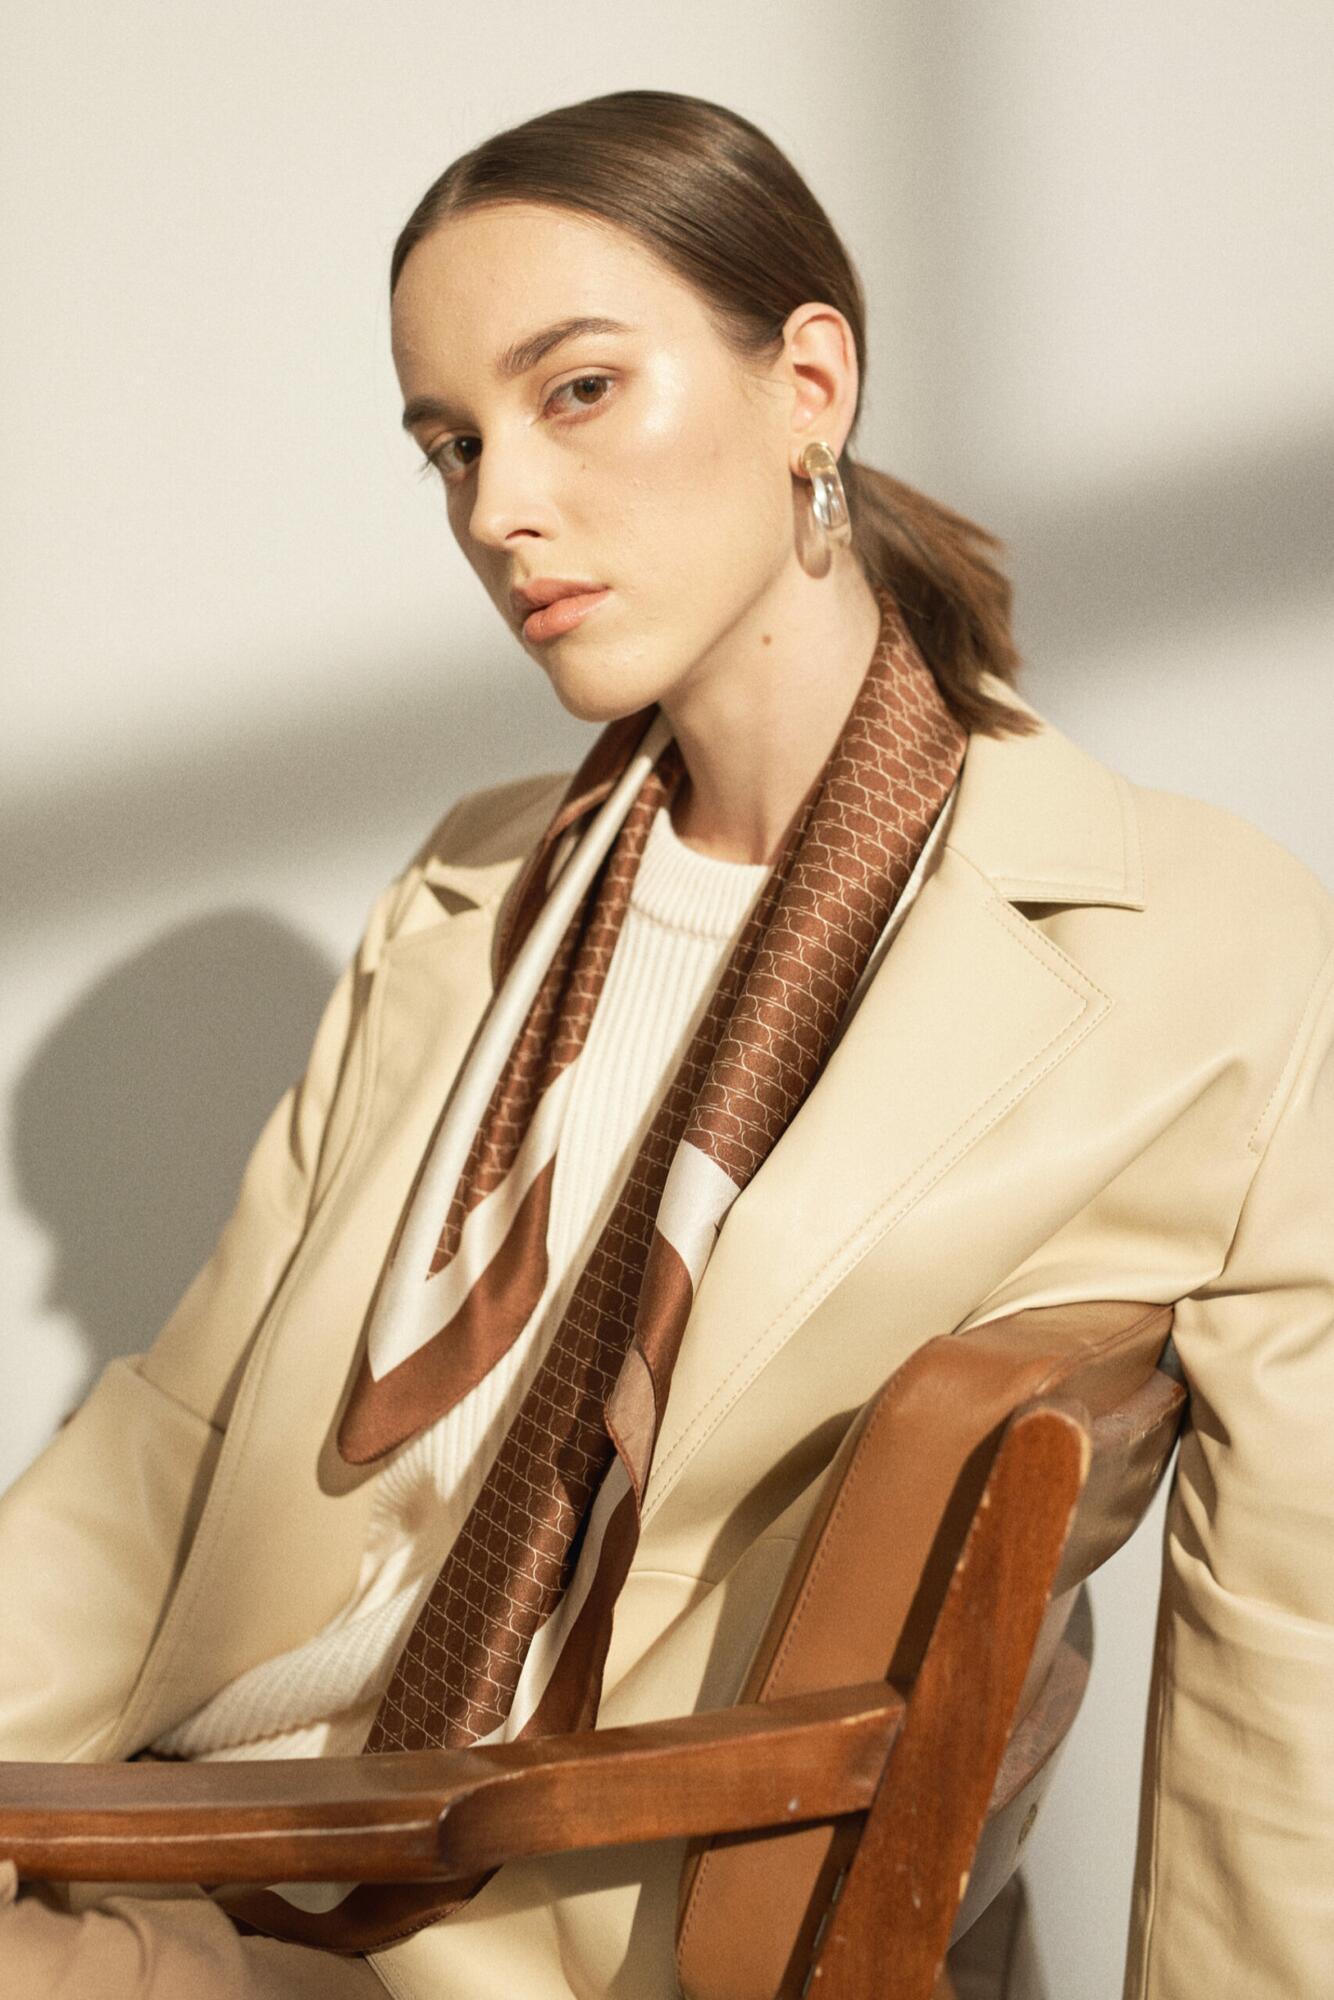 Jedwabna apaszka Sine Silk | BROWN - Sine Silk | JestemSlow.pl